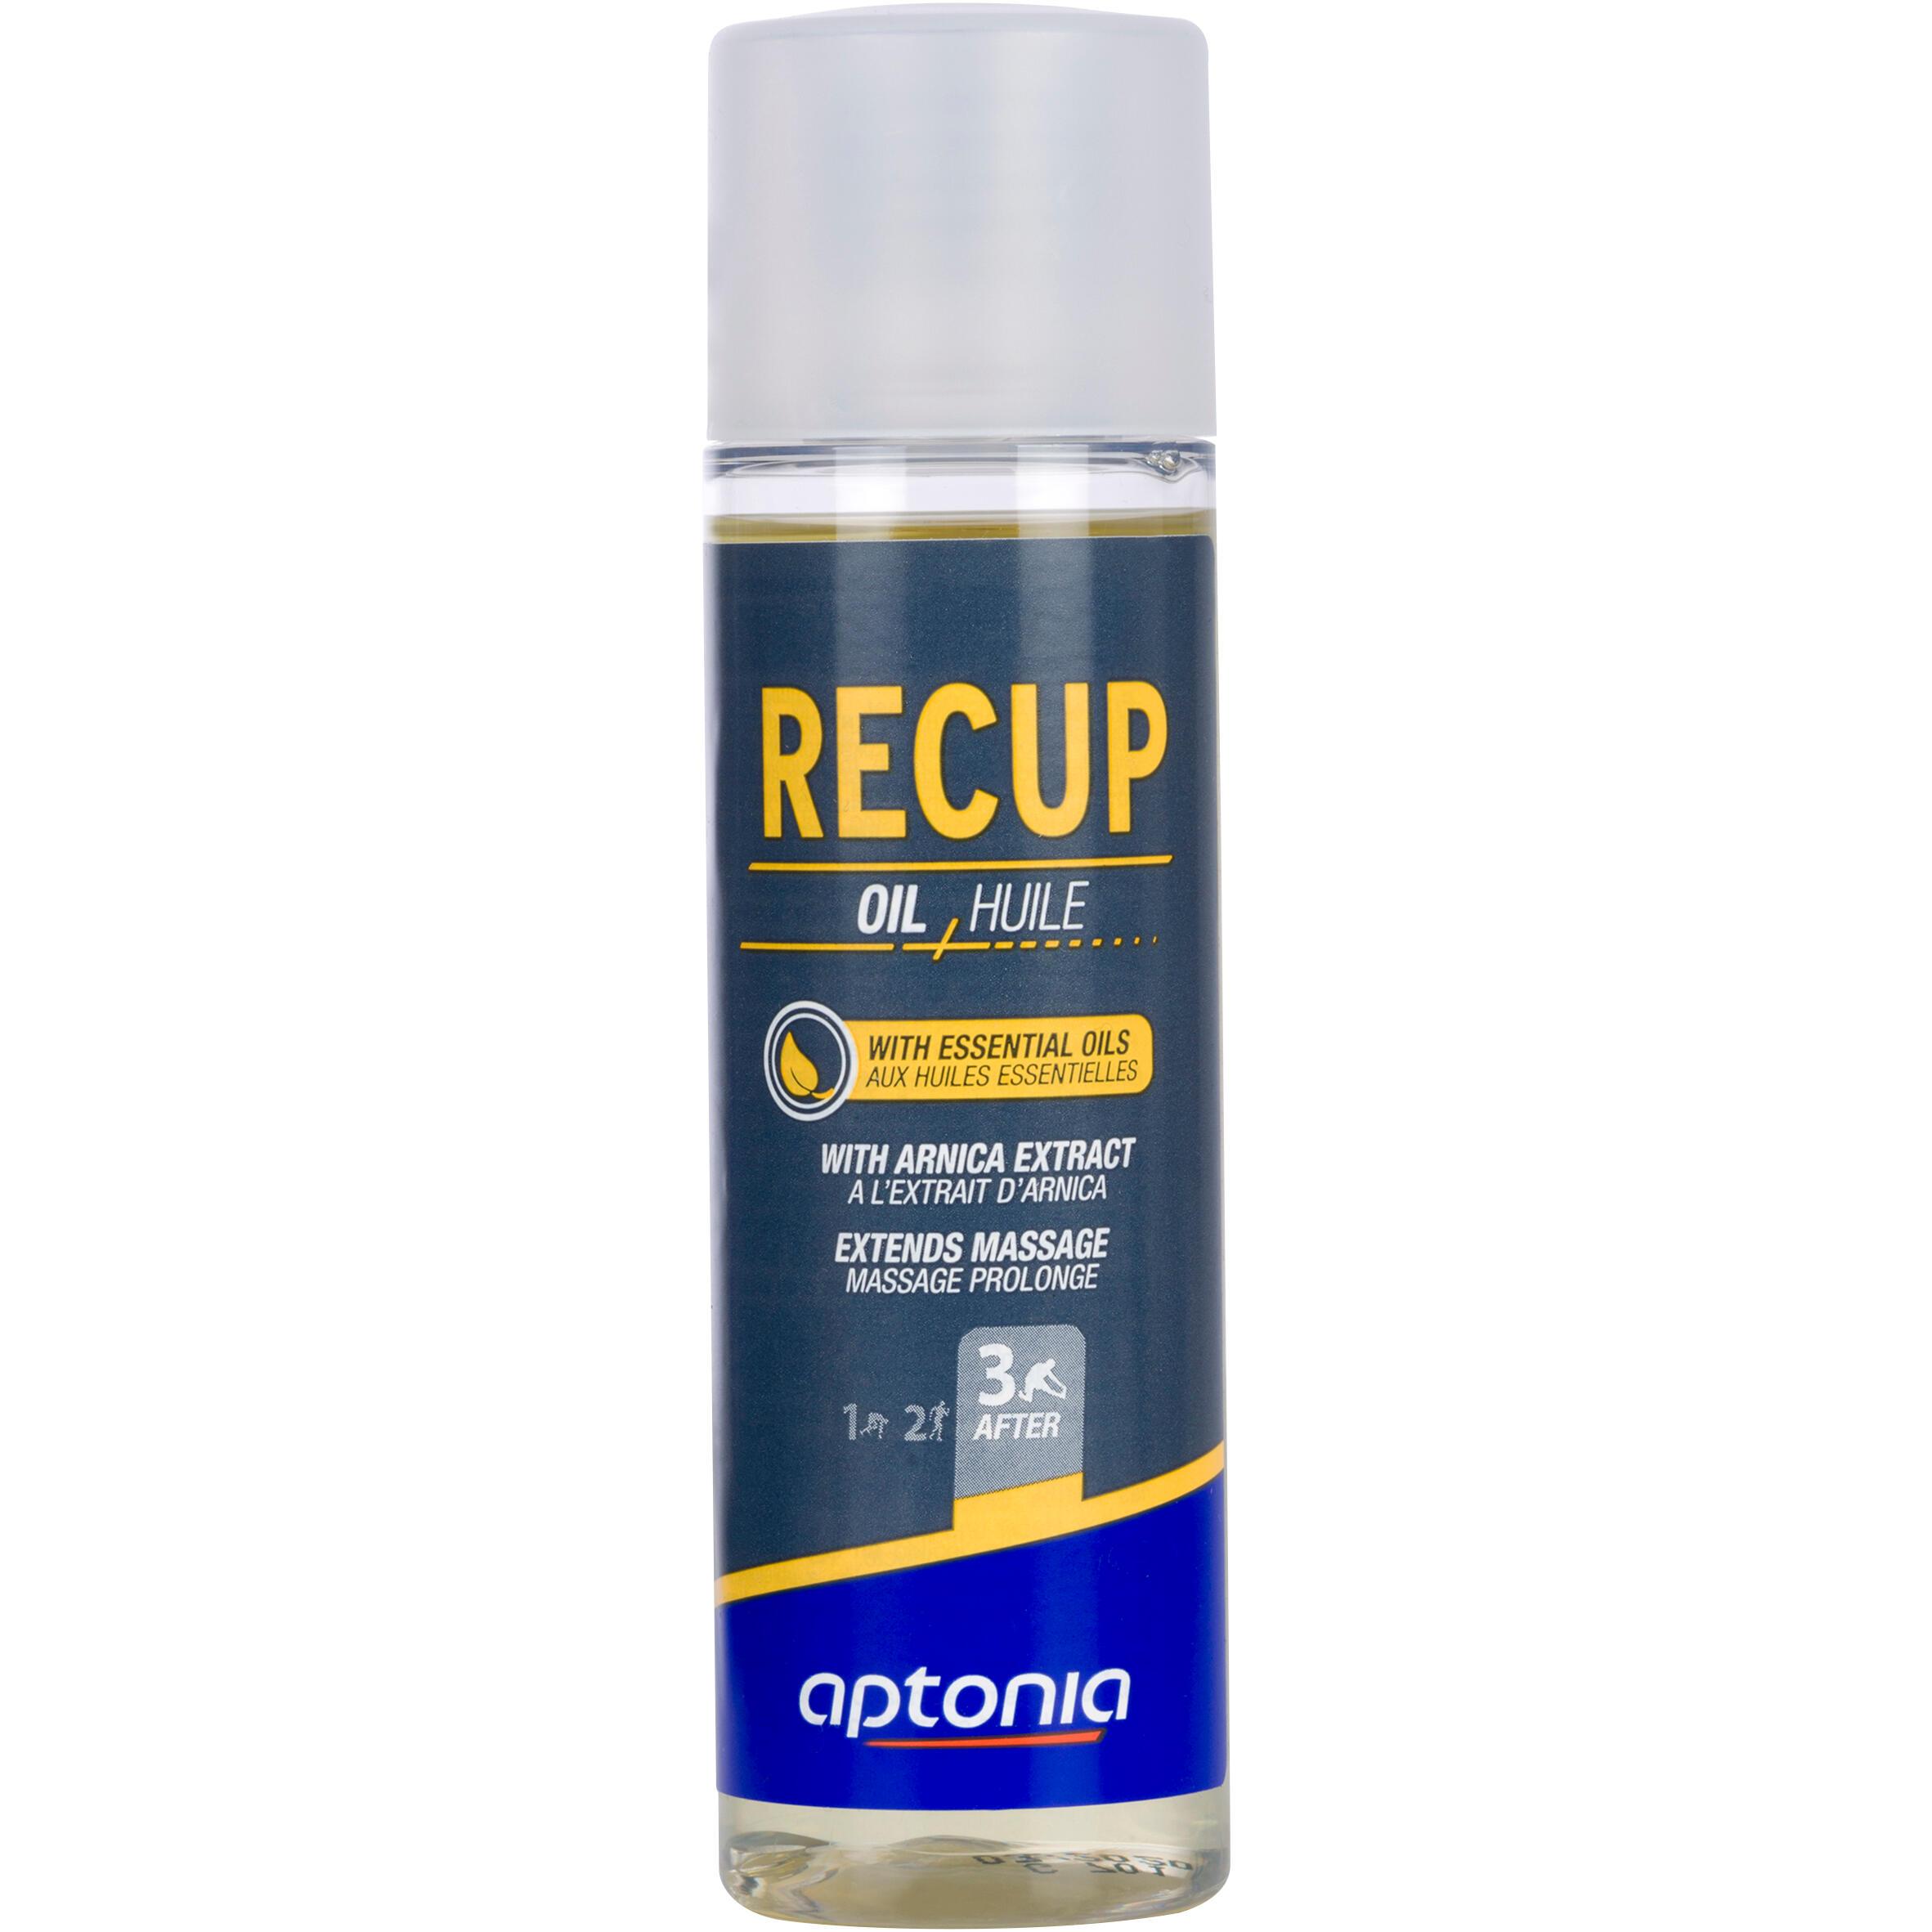 Aptonia Massageolie voor recuperatie met etherische oliën en arnica 125 ml